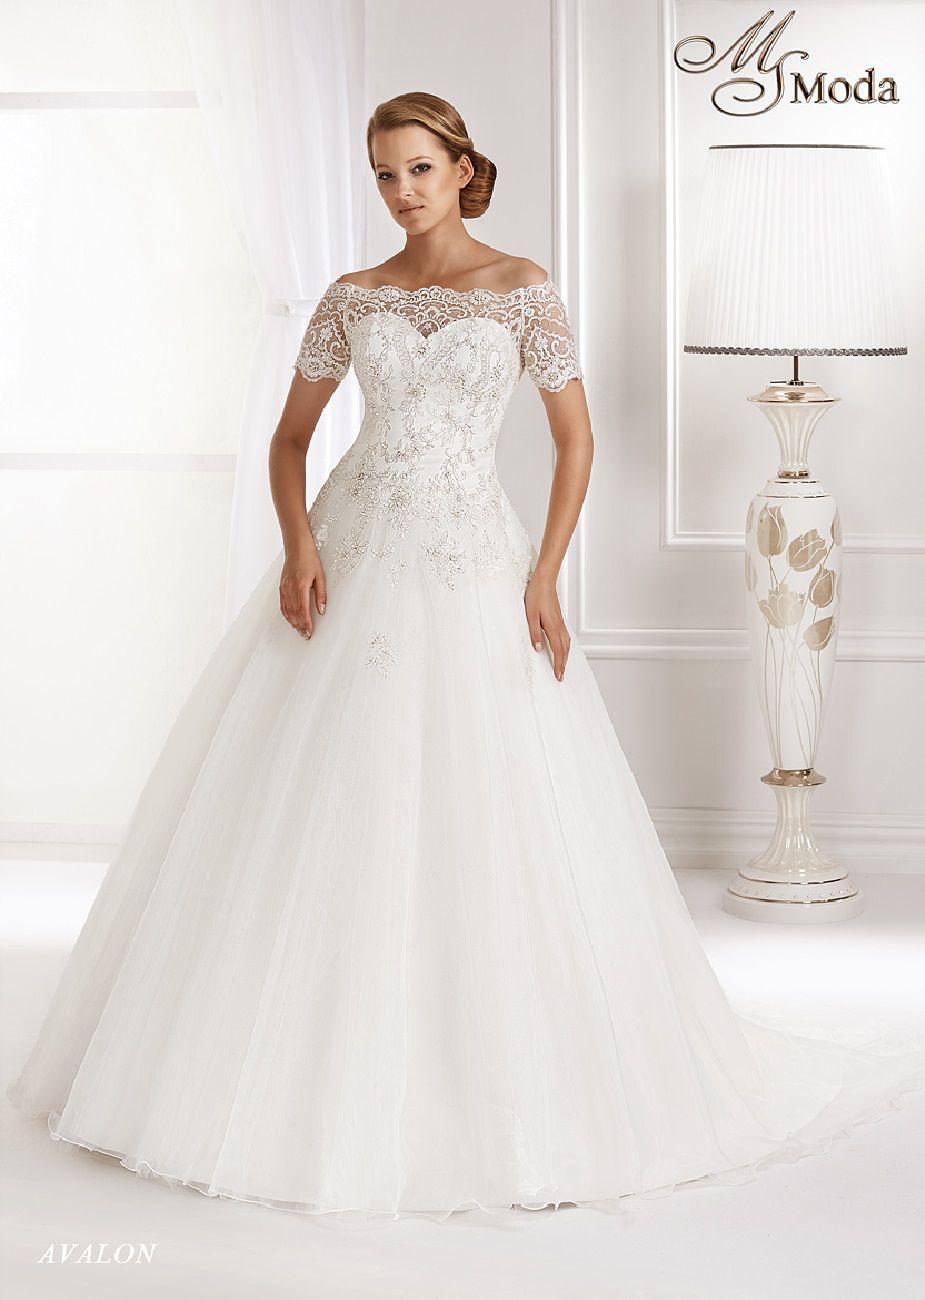 Suknia ślubna Ms Moda Gostynin Zamkowa 14a Rzeczy Do Noszenia